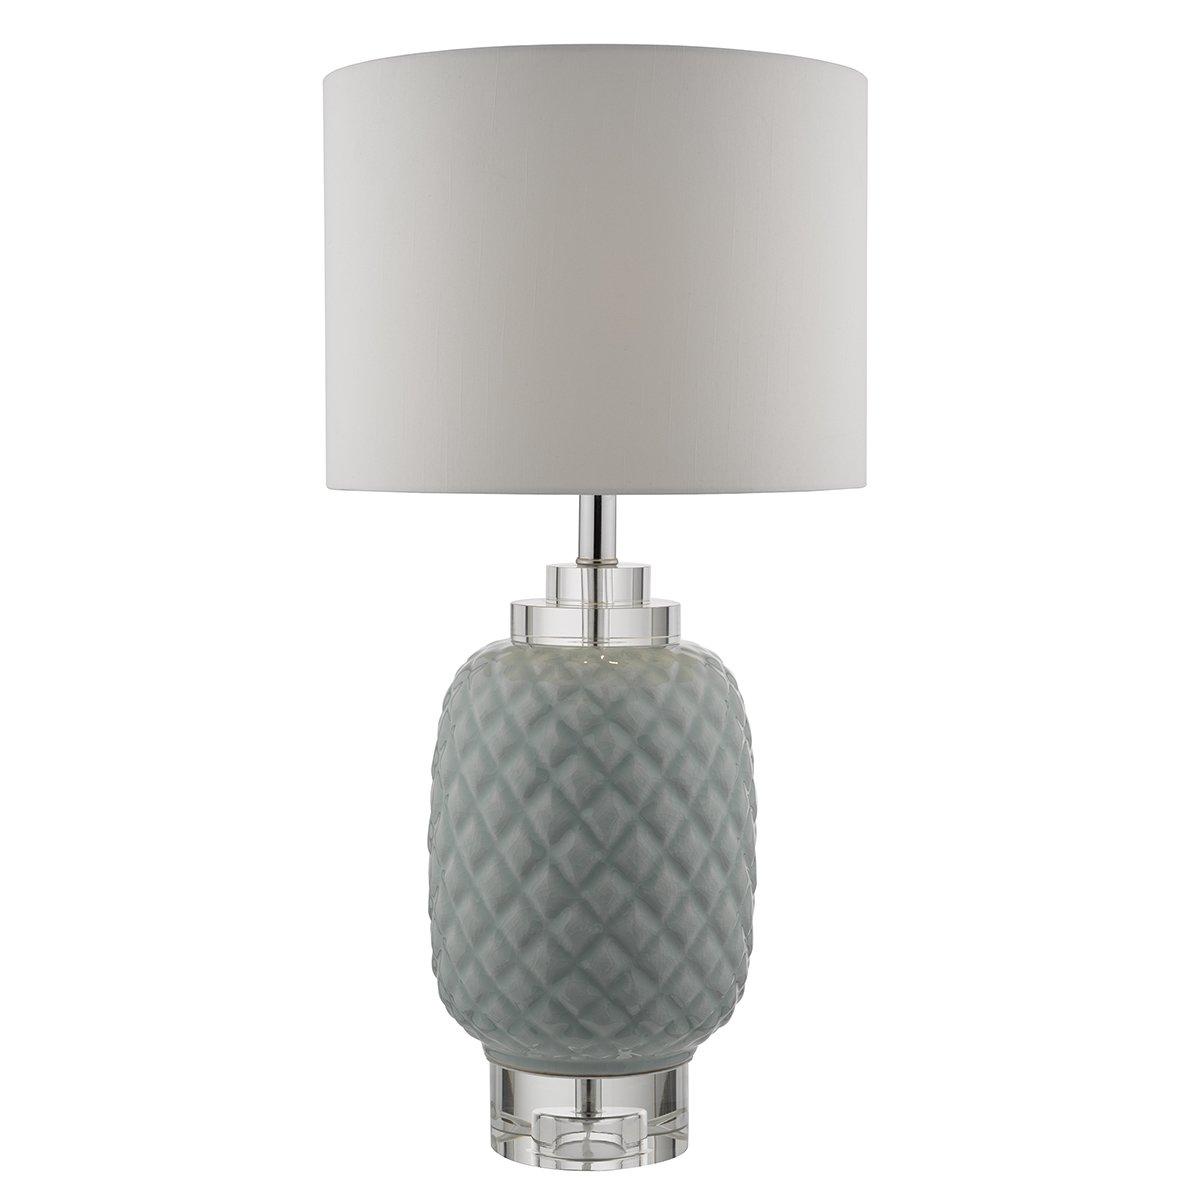 erv4223 ervin table lamp base only in pale blue. Black Bedroom Furniture Sets. Home Design Ideas